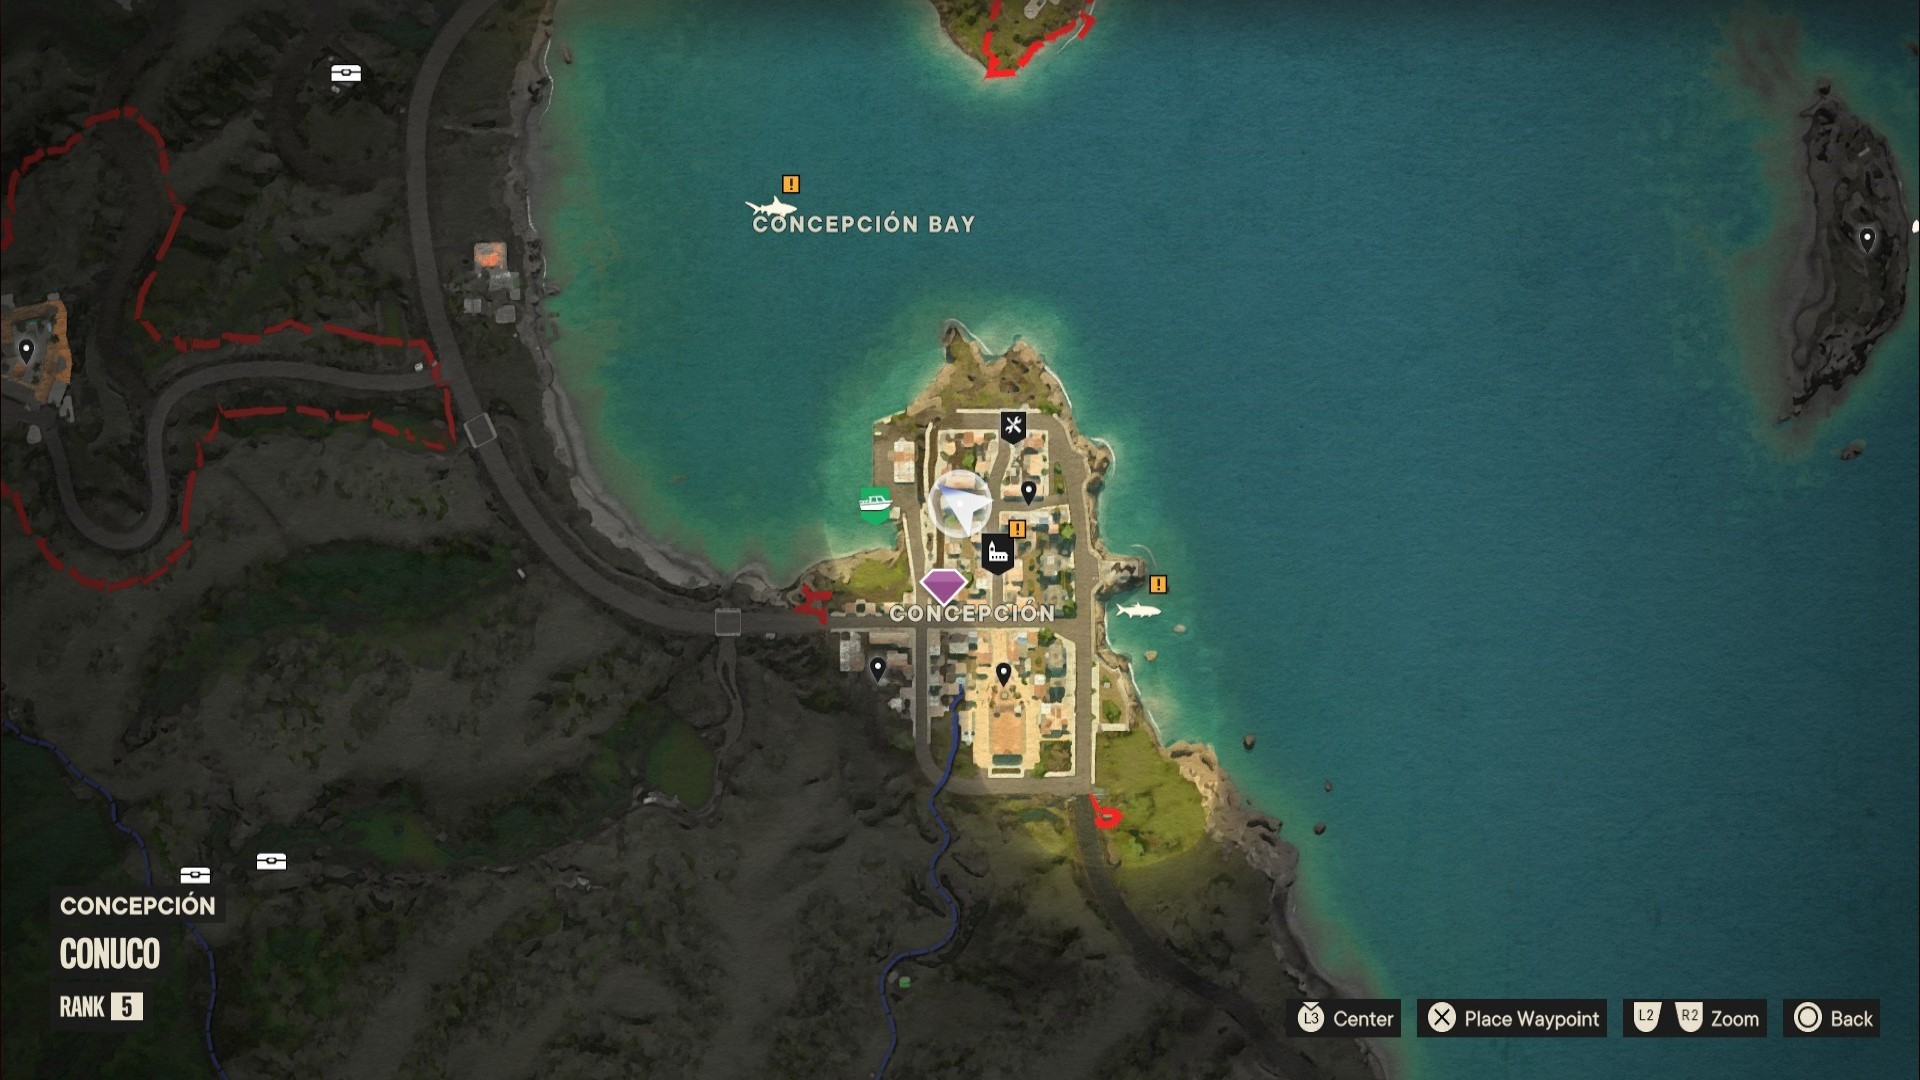 A Far Cry 6 Criptograma chests location in Concepcion